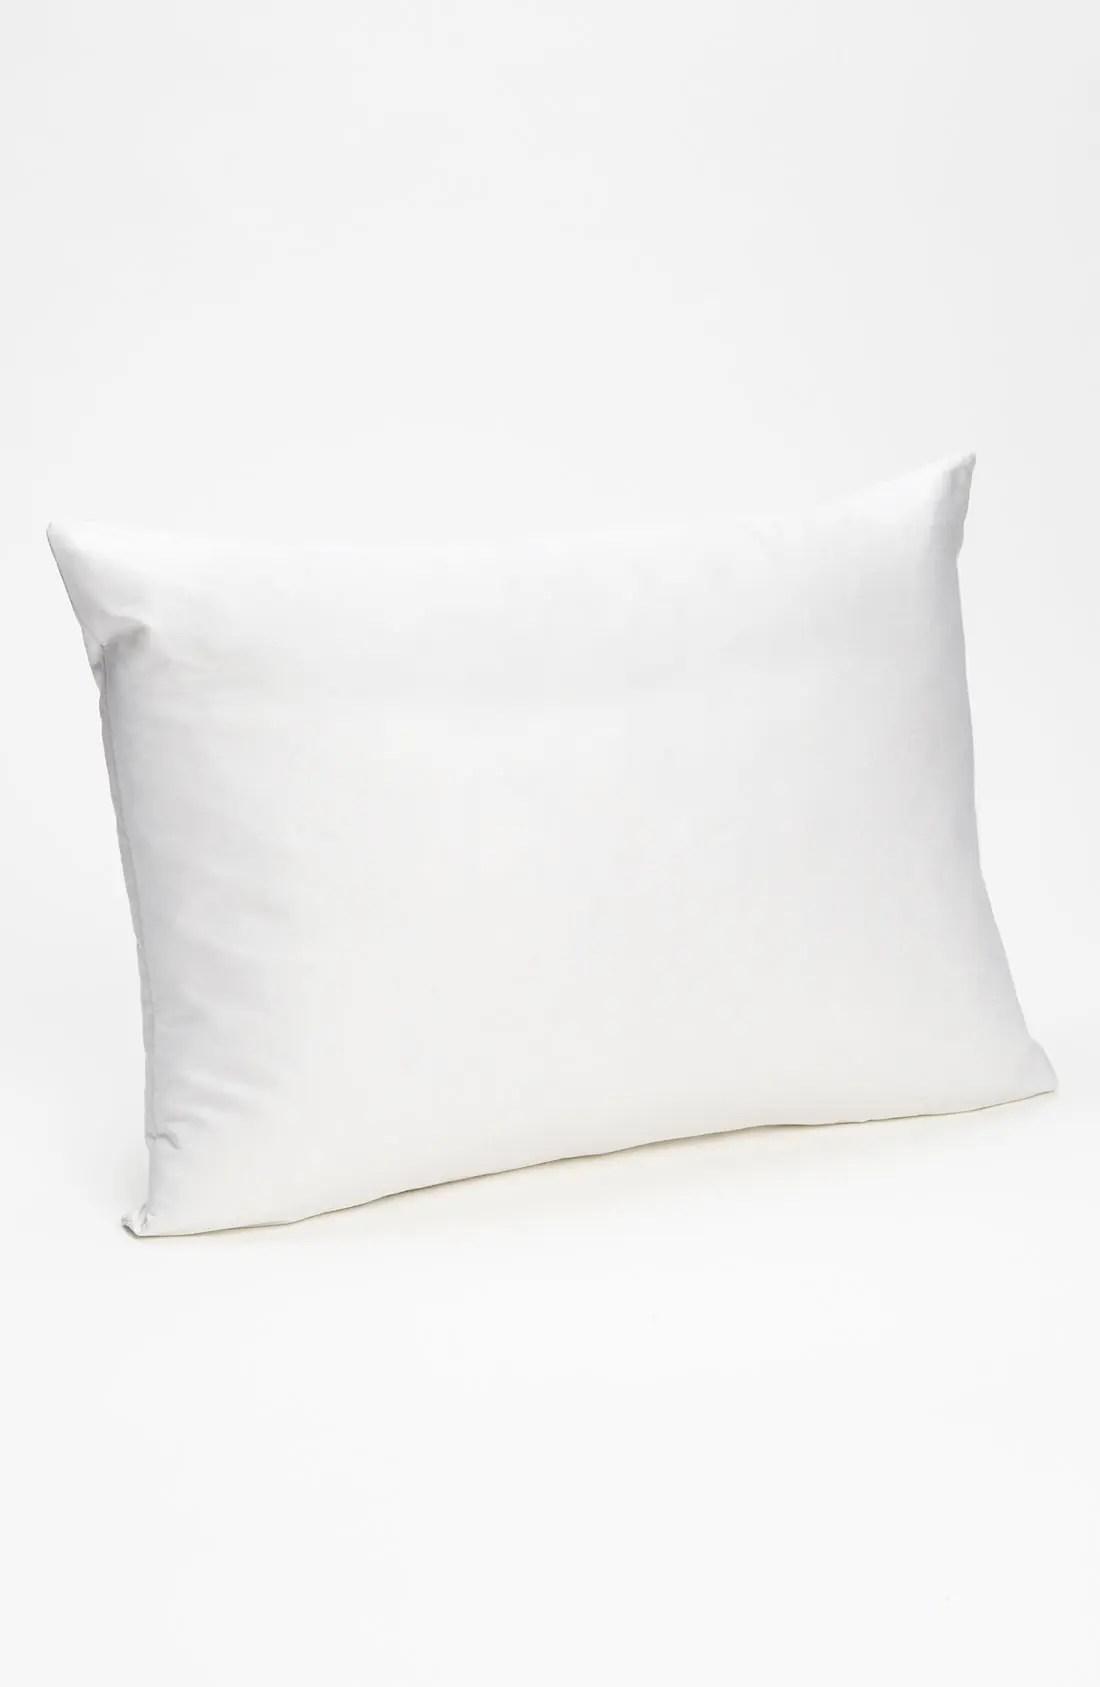 14x20 down pillow insert online